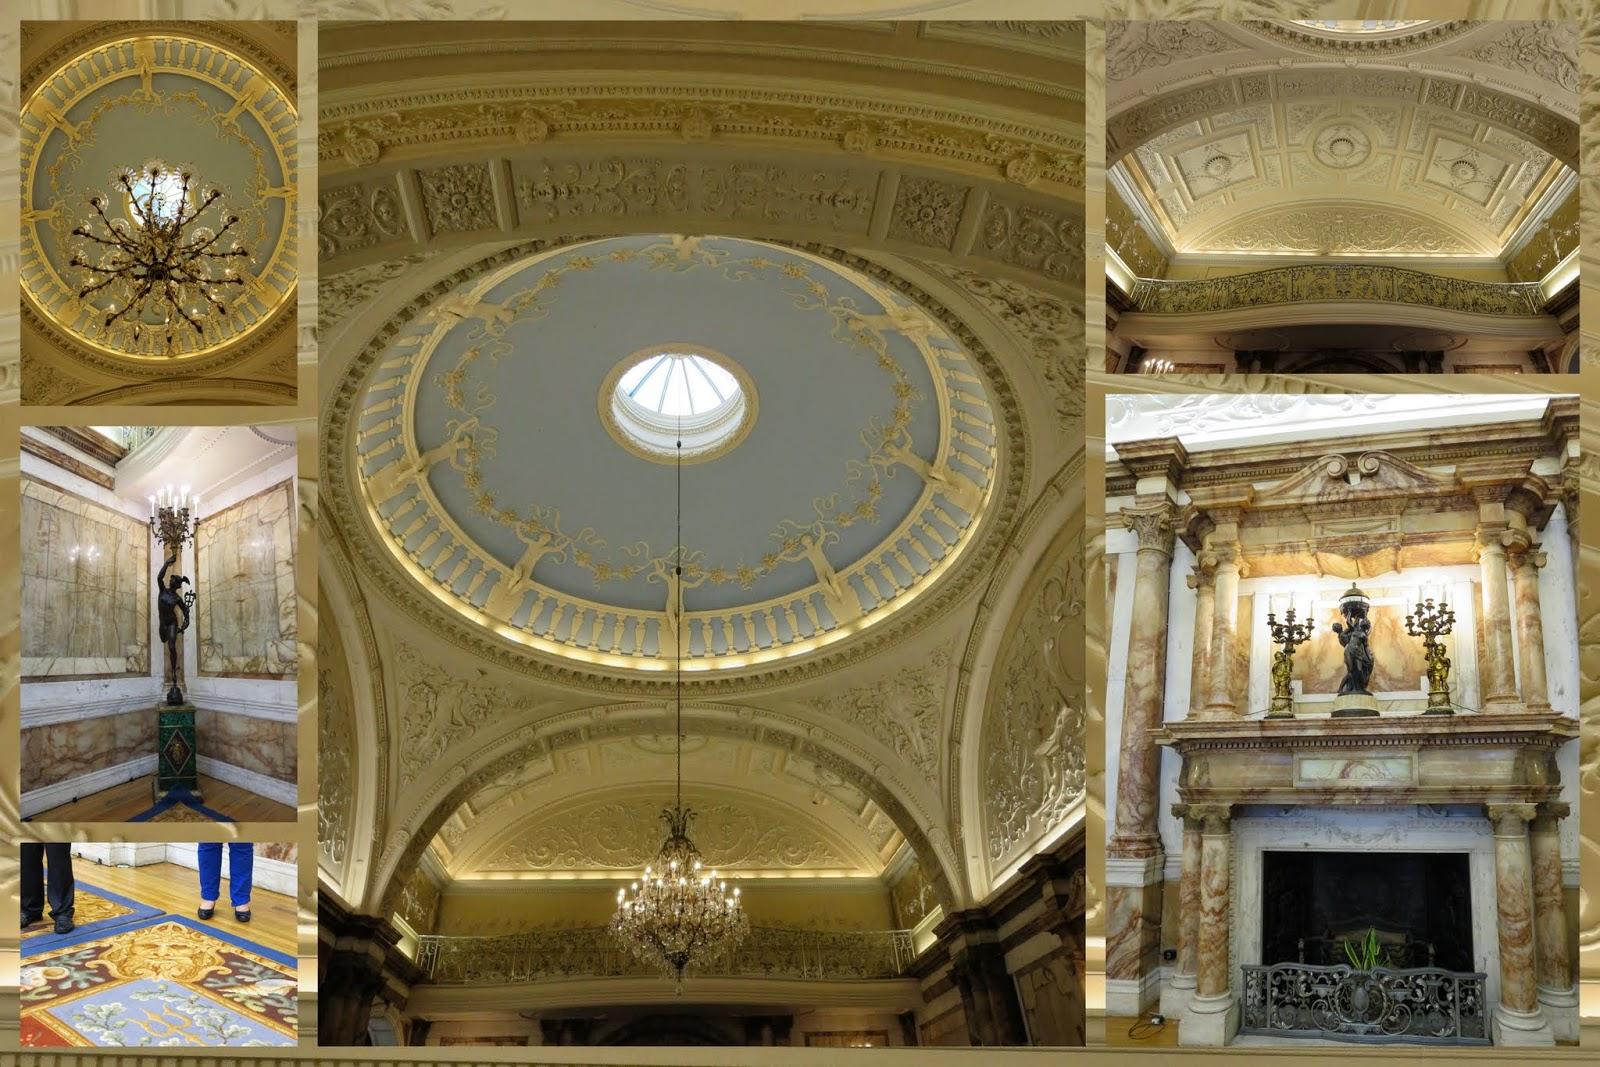 Iveagh House - Ballroom